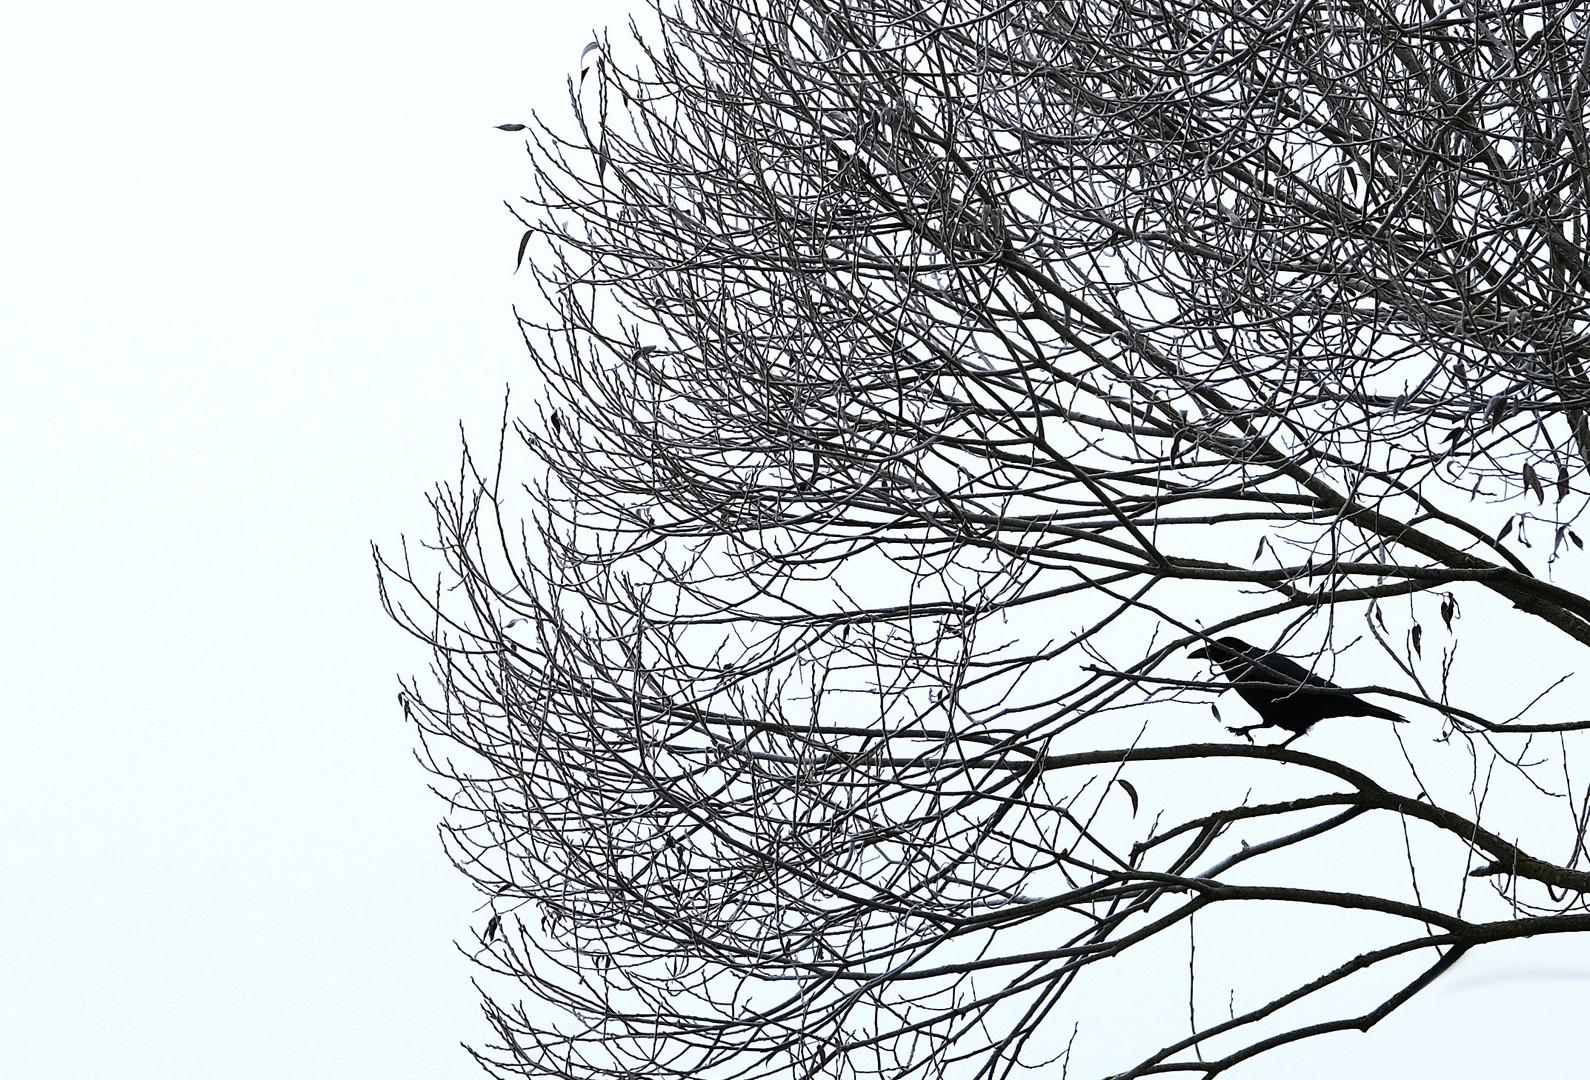 Novembervogel